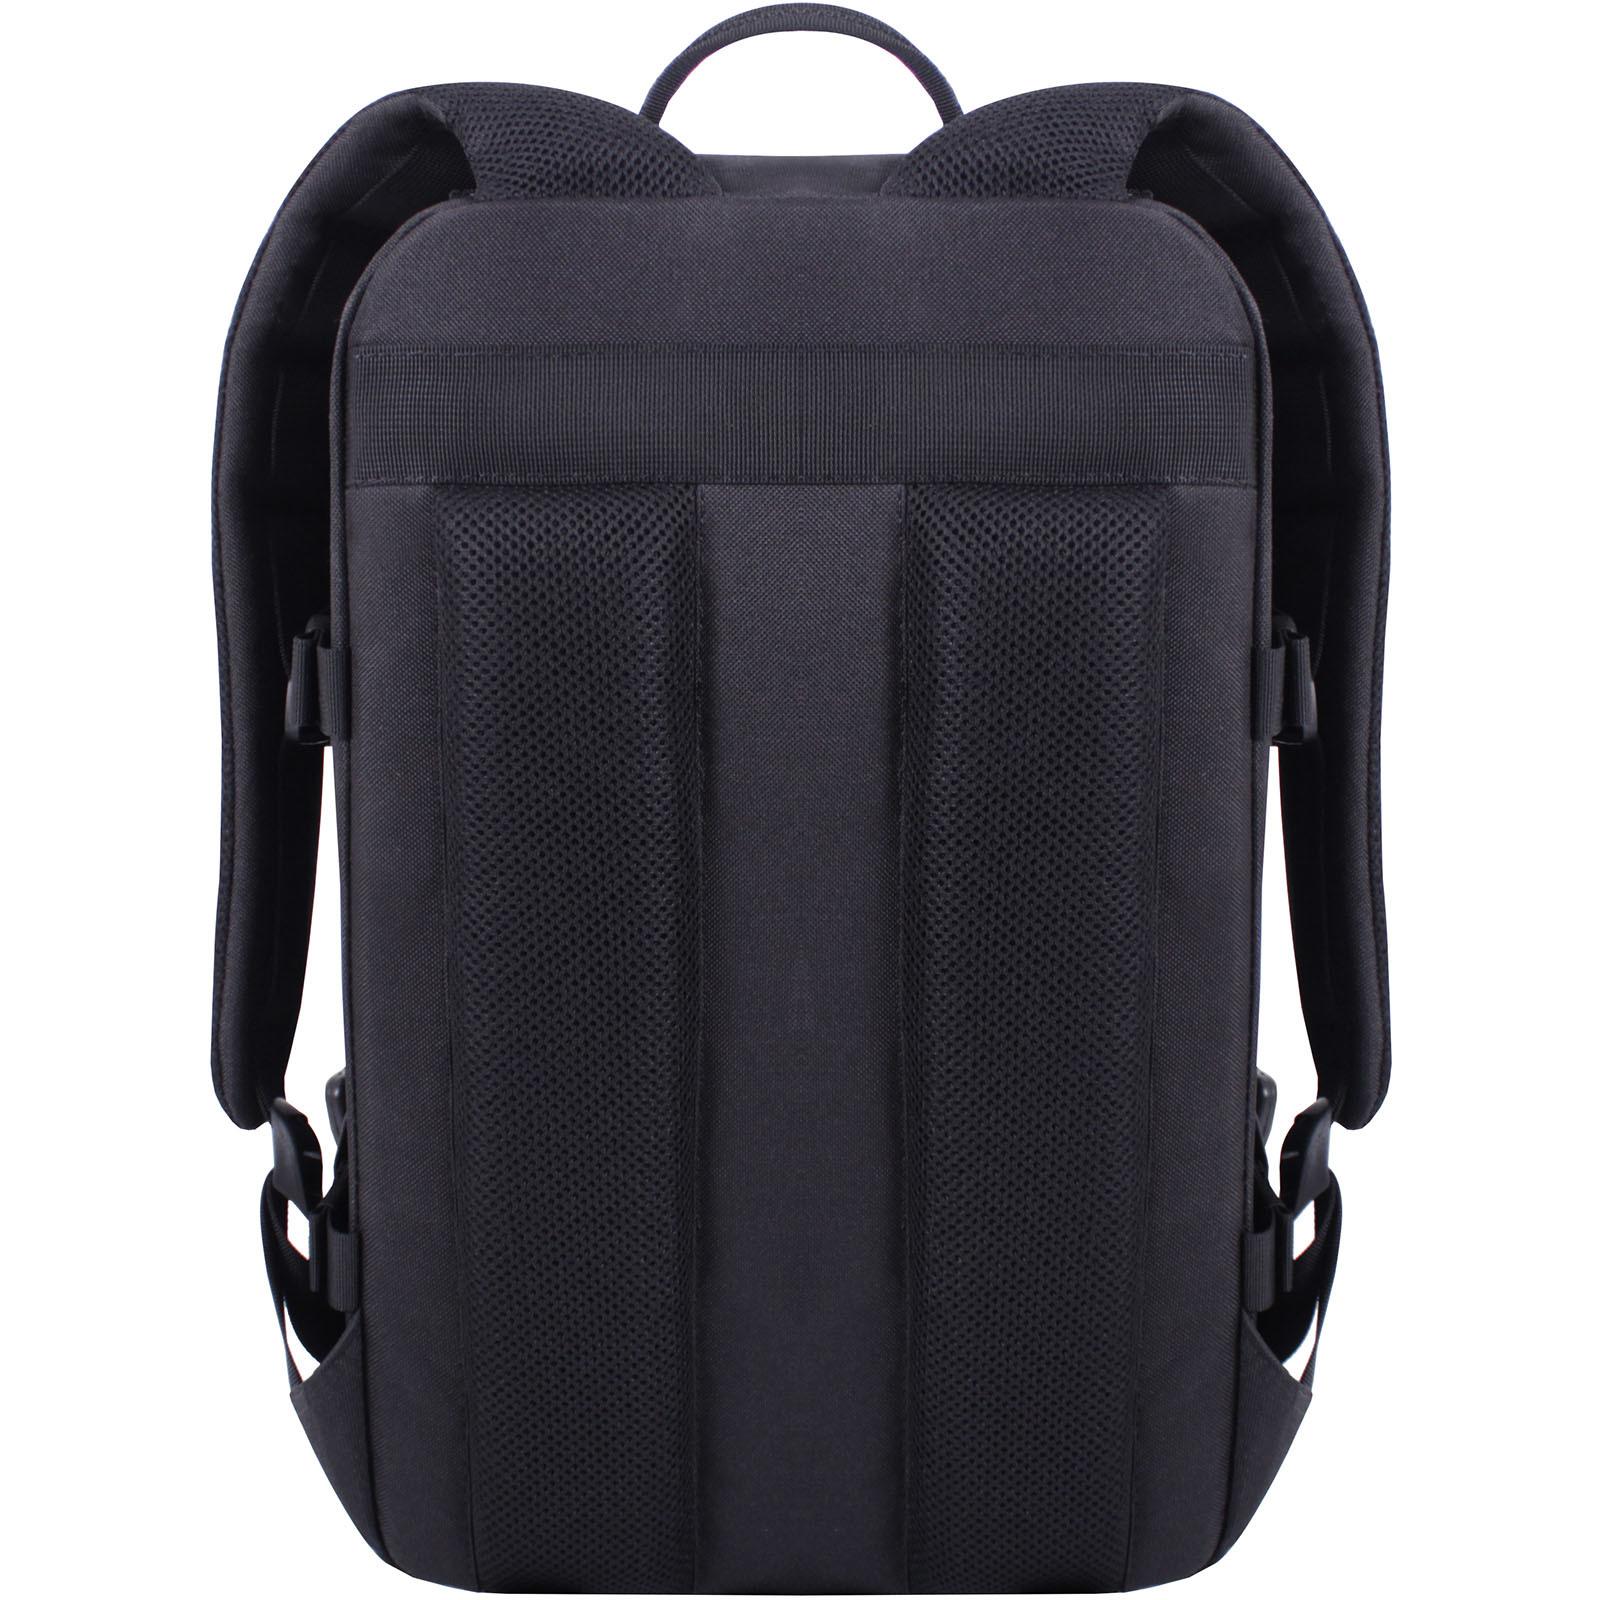 Рюкзак для ноутбука Bagland Jasper 19 л. Чёрный (0015566) фото 7